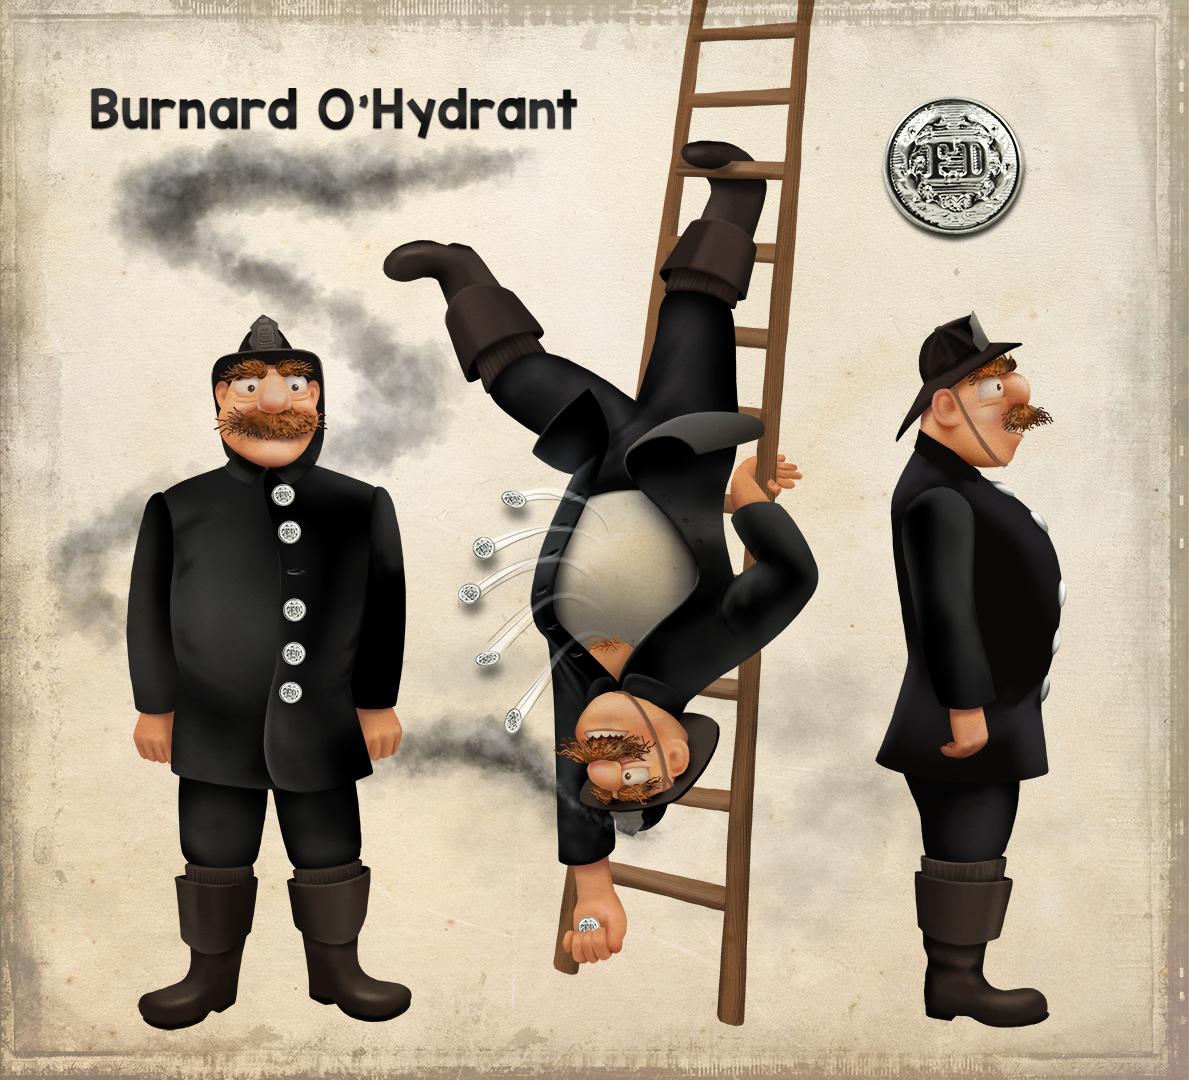 Burnard O'Hydrant